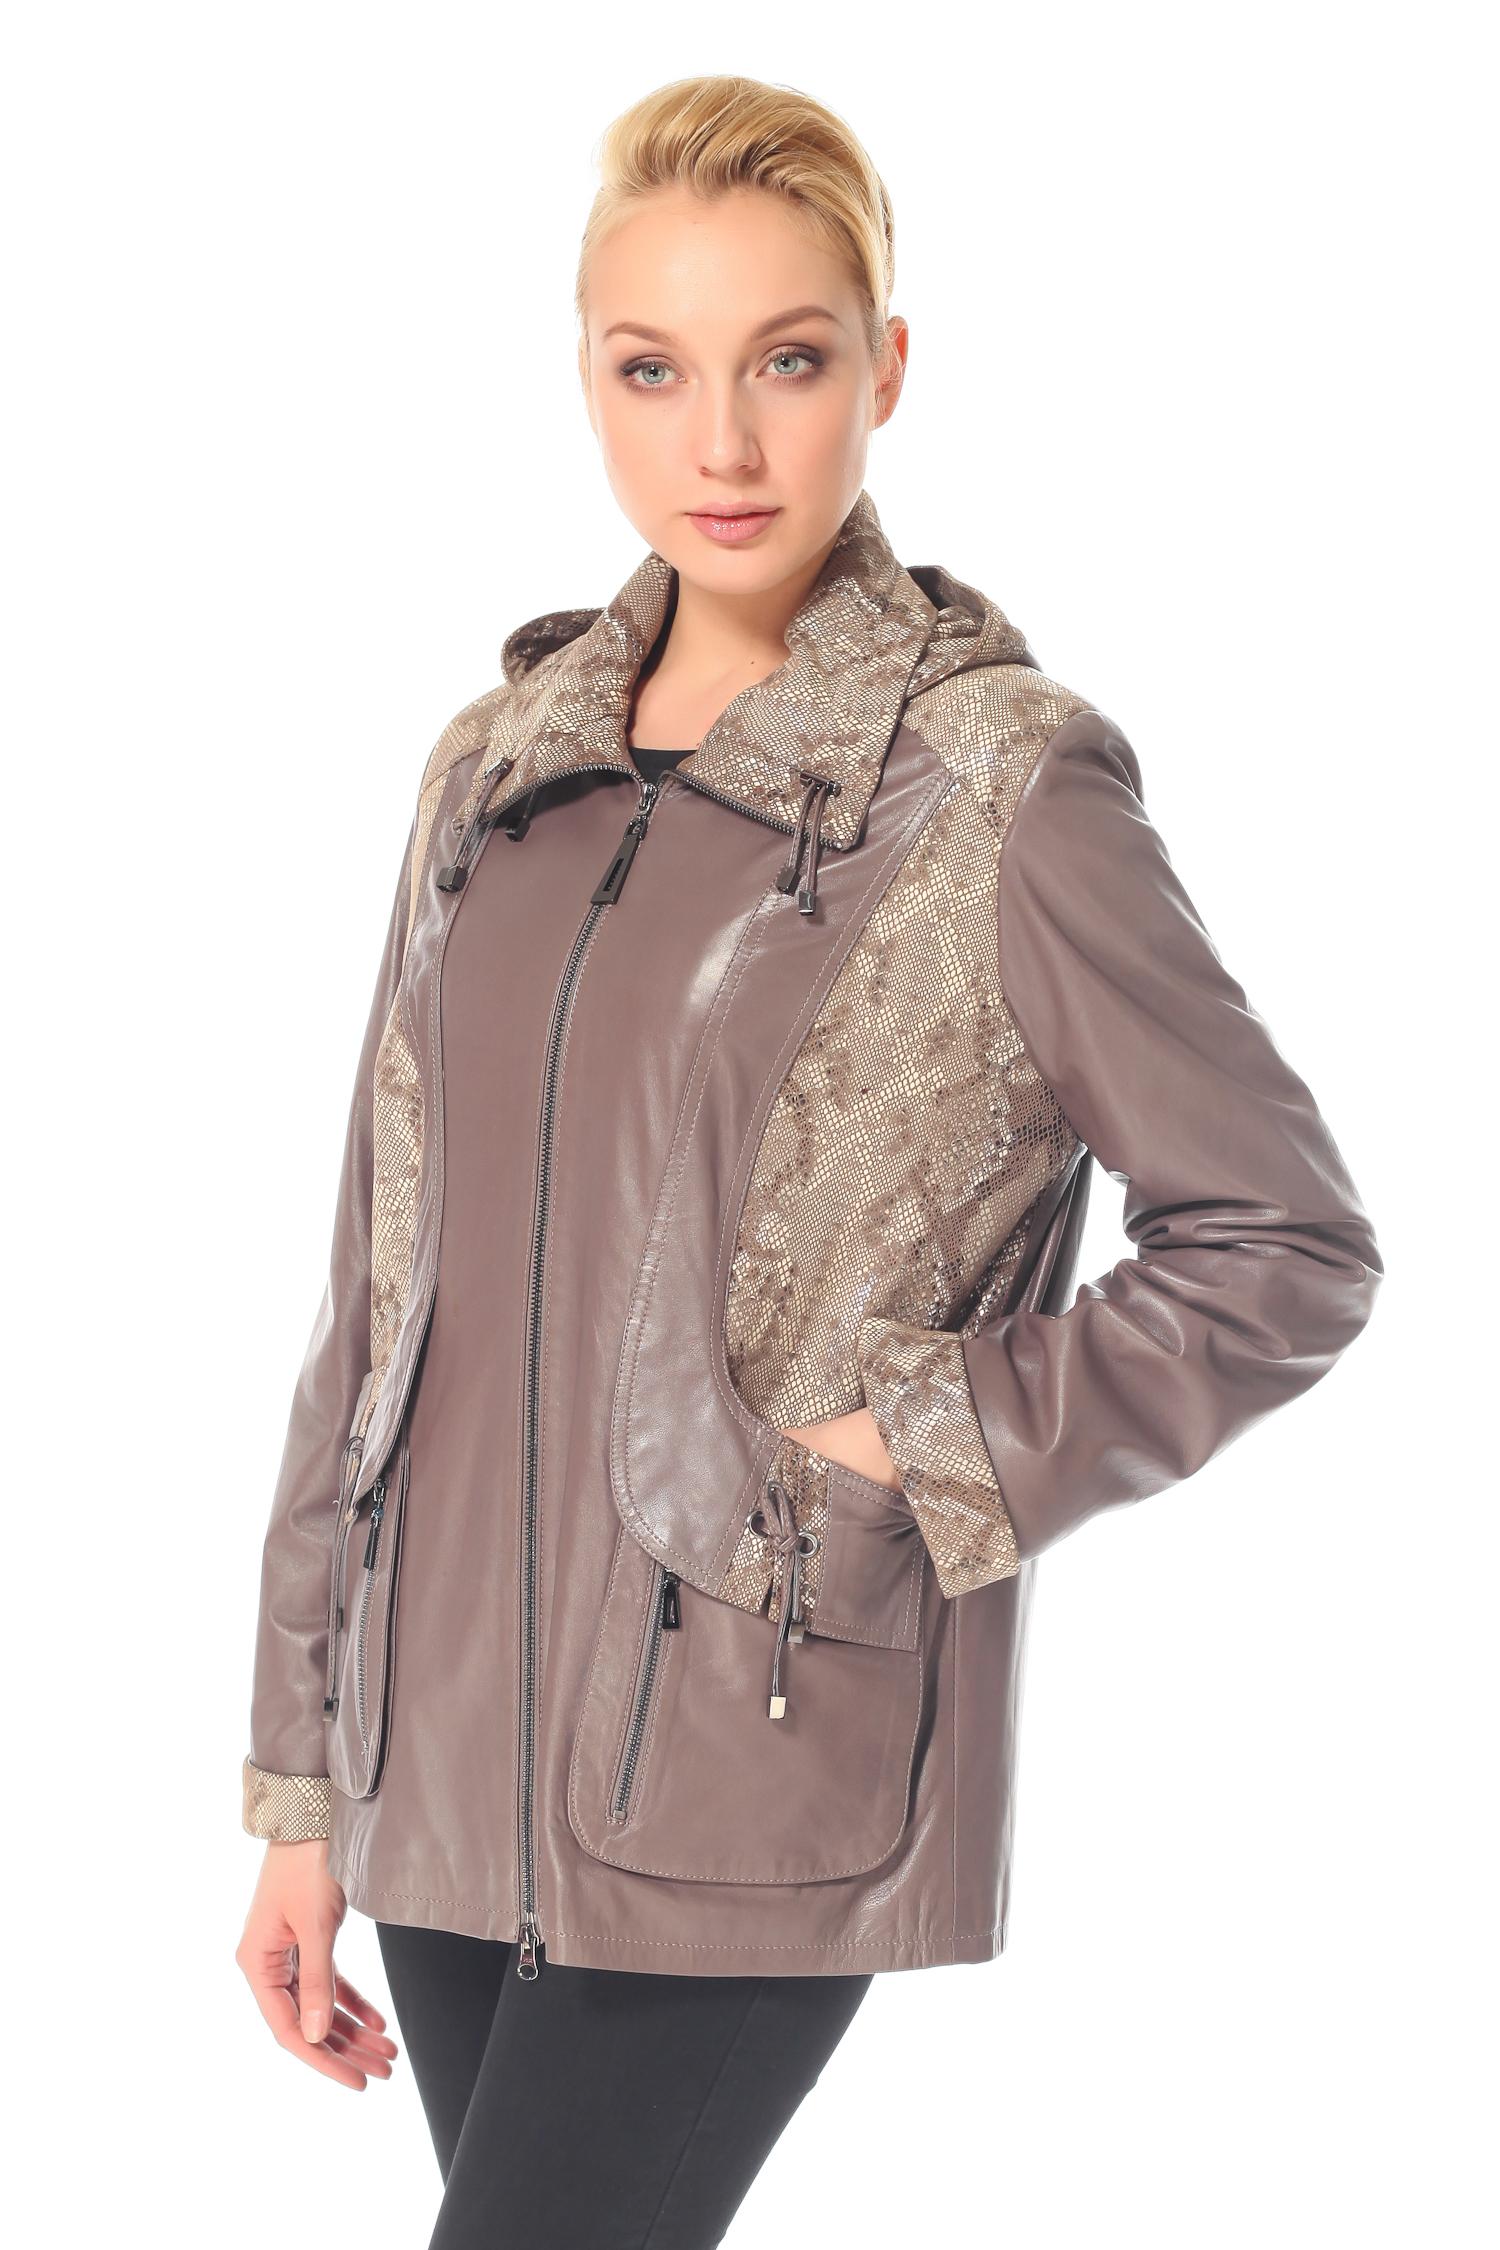 Женская кожаная куртка из натуральной кожи с капюшоном, без отделки<br><br>Воротник: Капюшон<br>Длина см: 70<br>Материал: Натуральная кожа<br>Цвет: Бежевый<br>Пол: Женский